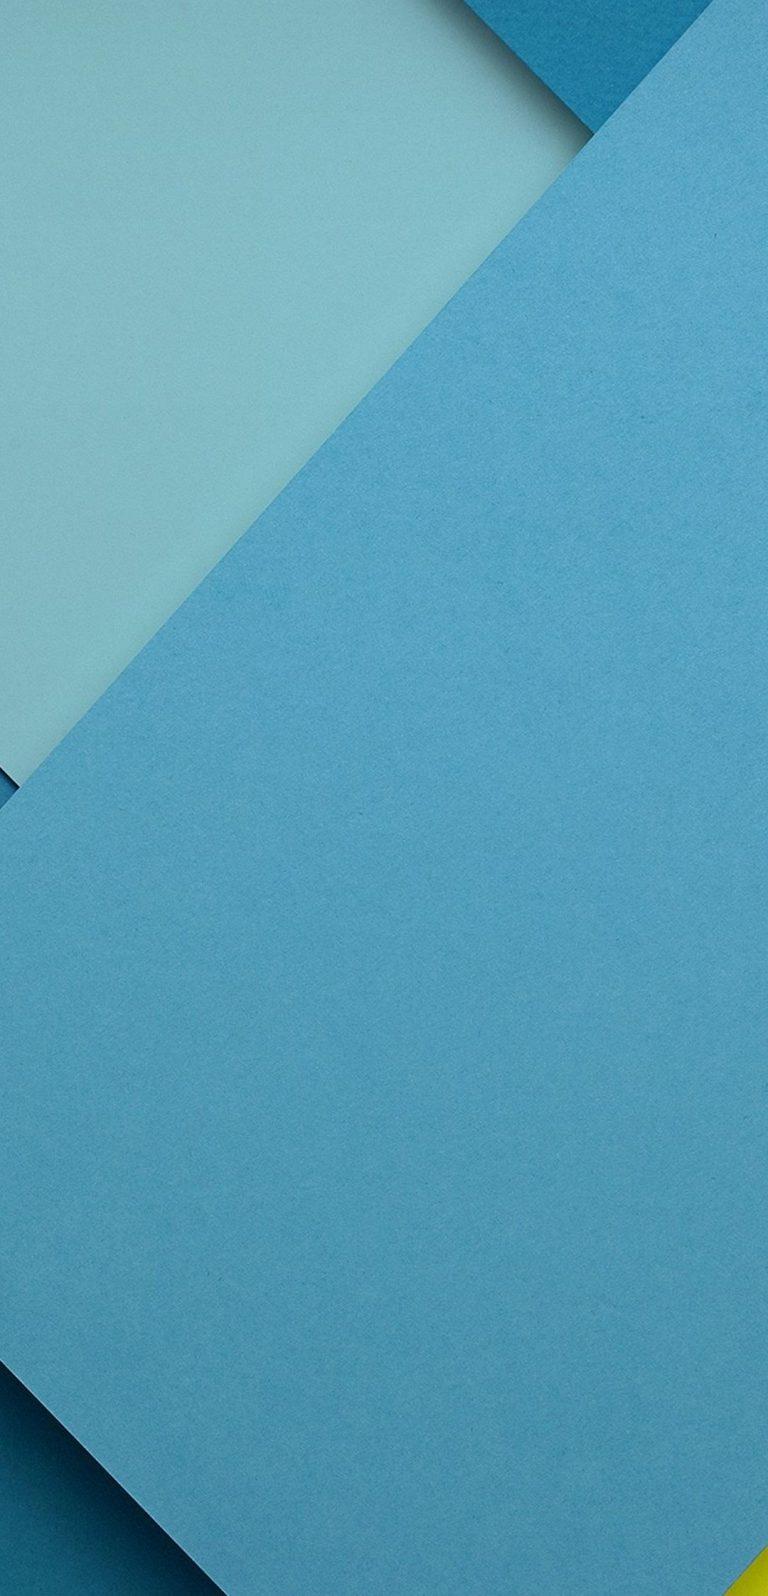 1080x2244 Wallpaper 030 768x1596